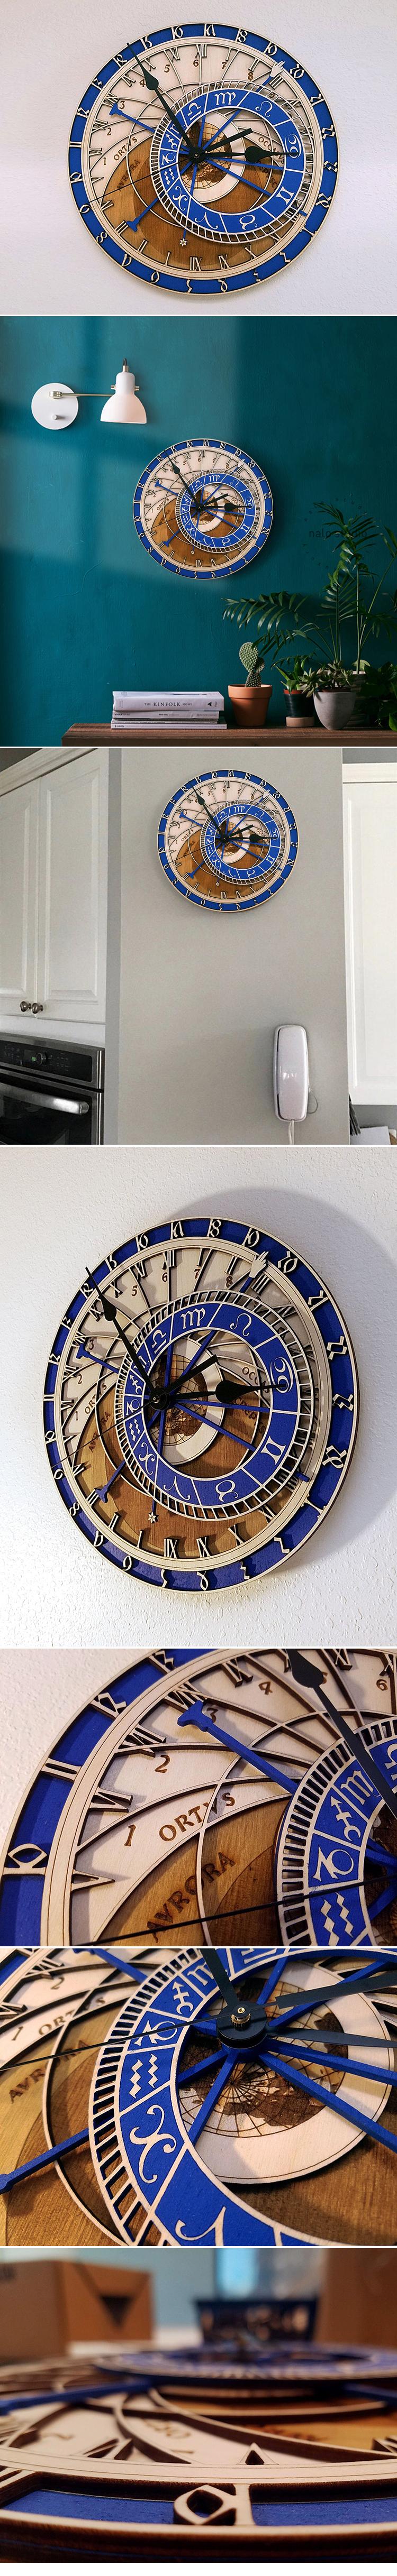 Praga orologio astronomico in legno repubblica ceca medievale astronomia orologio da parete hanging astrologia decorativo orologio da parete